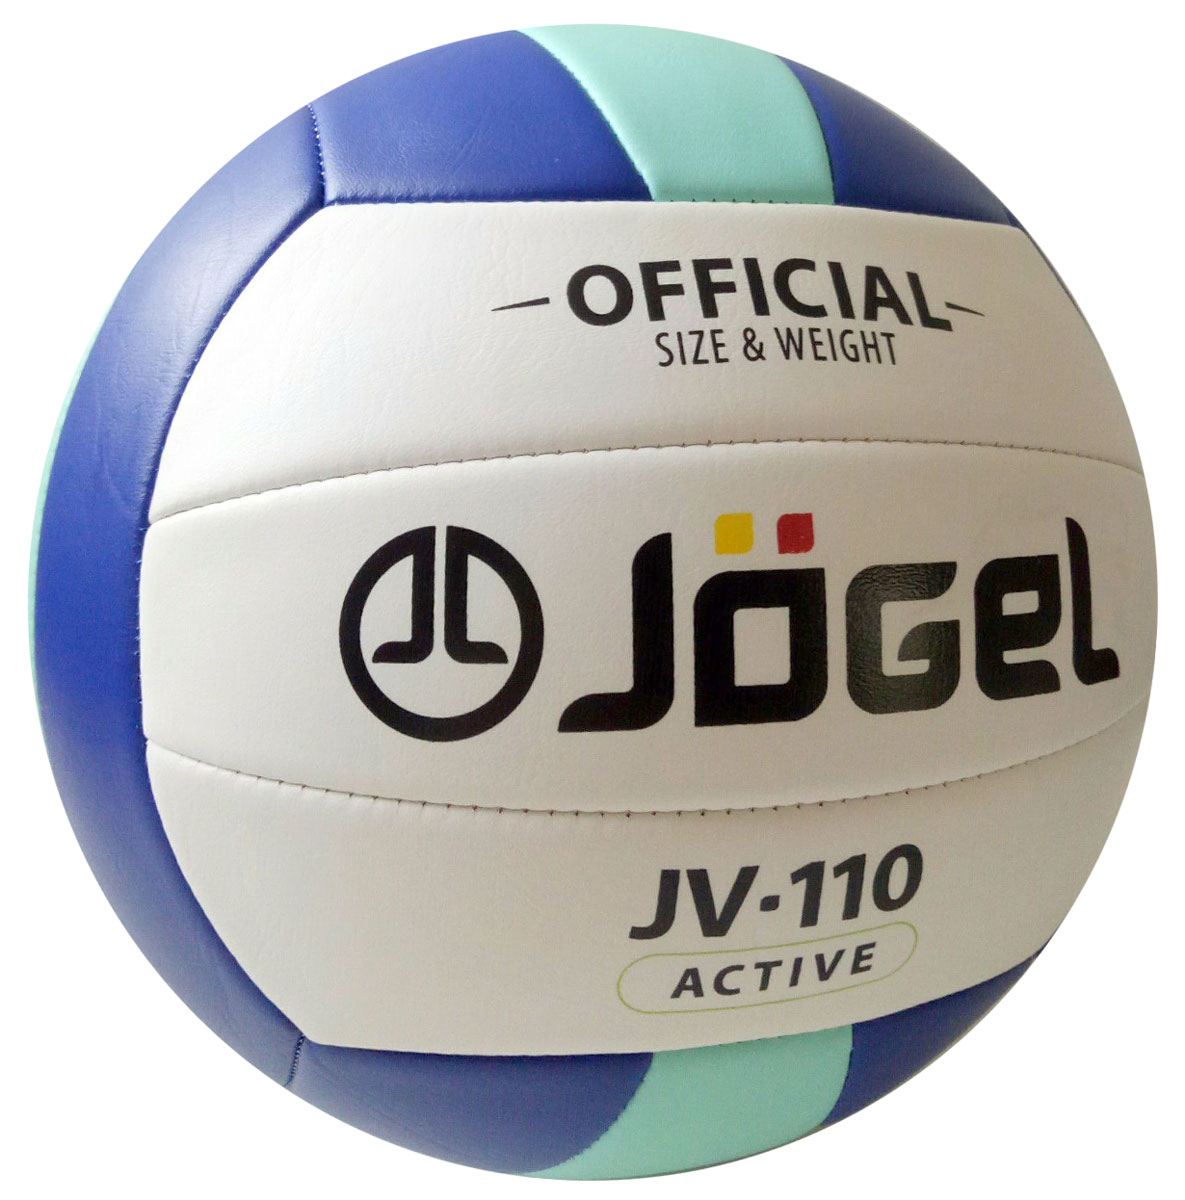 Мяч волейбольный Jogel, цвет: синий, мятный. Размер 5. JV-110УТ-00009280Название:Мяч волейбольный Jgel JV-110Уровень:Любительский мячСерия: ACTIVEОписание:Jogel JV-110 любительский мяч для классического волейбола и активного отдыха в модной сине-мятно-белой расцветке. Данная модель является лидером продаж в своей ценовой категории, благодаря недорогой стоимости, неприхотливости к игровым покрытиям и приятным тактильным ощущениям. Поверхность мяча выполнена из мягкой синтетической кожи (поливинилхлорид), что позволяет избежать синяков и ушибах на руках, даже при сильных ударах. Мяч состоит из 18-ти панелей и оснащен бутиловой камерой. Данный мяч прекрасно подходит для поставок на гос. тендеры, образовательные учреждения и спортивные секции. Официальный размер и вес FIBV.Рекомендованные покрытия: Паркет, песок, резина, гаревые поля, бетонМатериал покрышки:Синтетическая кожа (поливинилхлорид)Материал камеры:БутилТип соединения панелей:Машинная сшивкаКоличество панелей:18Размер:5Вес:260-280 гр.Длина окружности: 65-67 смРекомендованное давление: 0.29-0.32 барКоличество в коробке: 50 шт.Основной цвет:БелыйДополнительный цвет:Синий, мятныйБренд: JogelСтрана бренда:ГерманияПроизводство:КНР